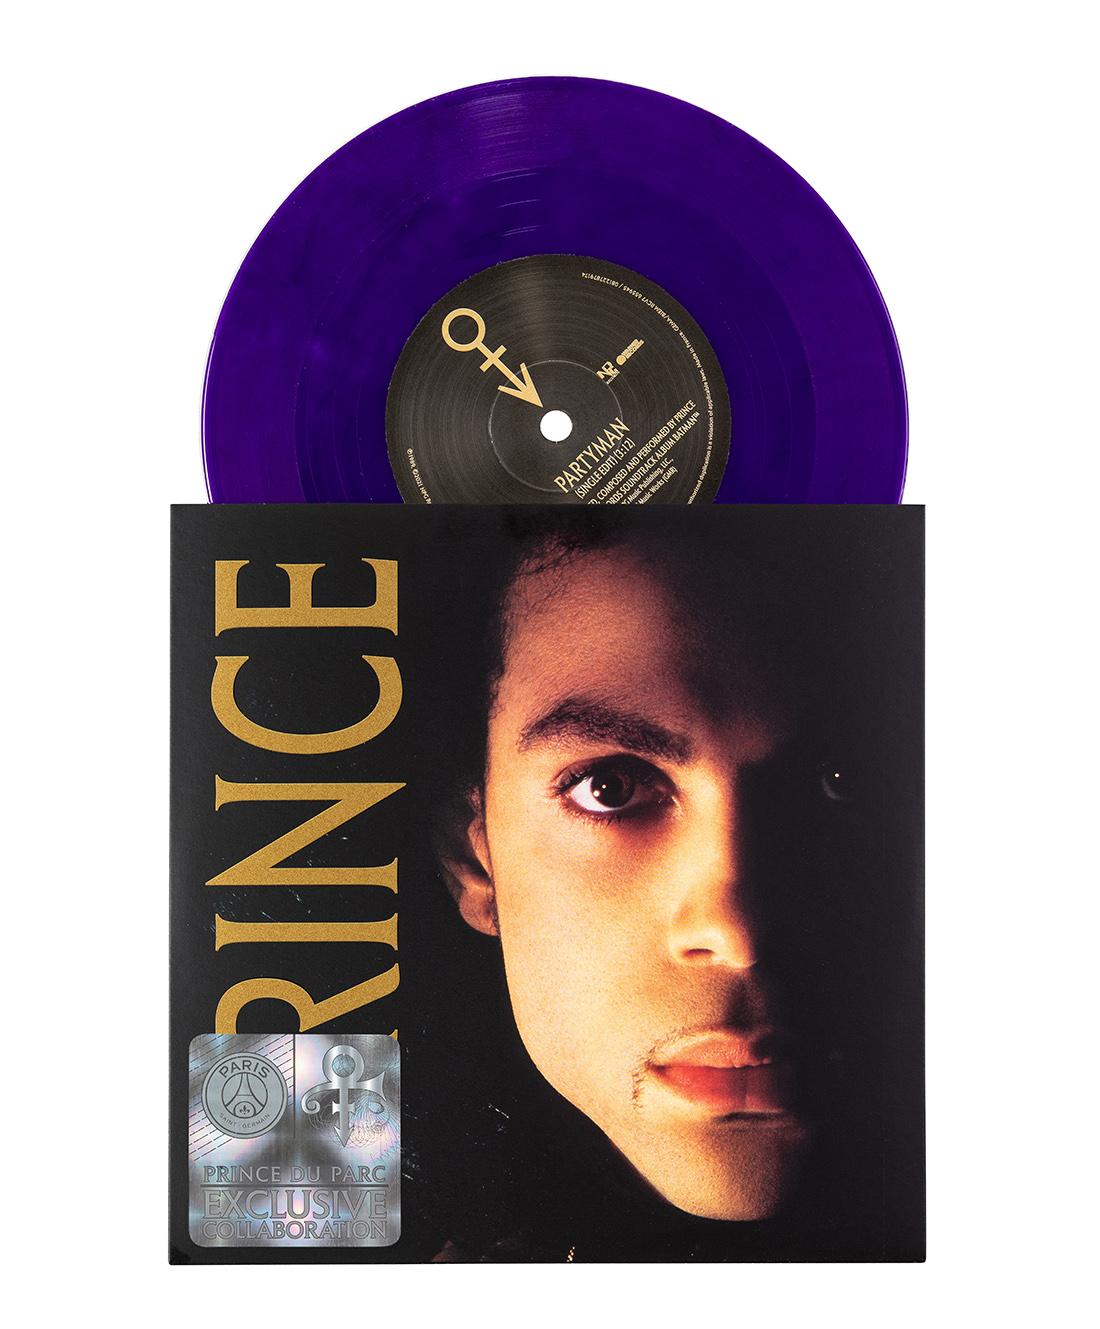 Paris Saint-Germain x The Prince Estate Vinyle